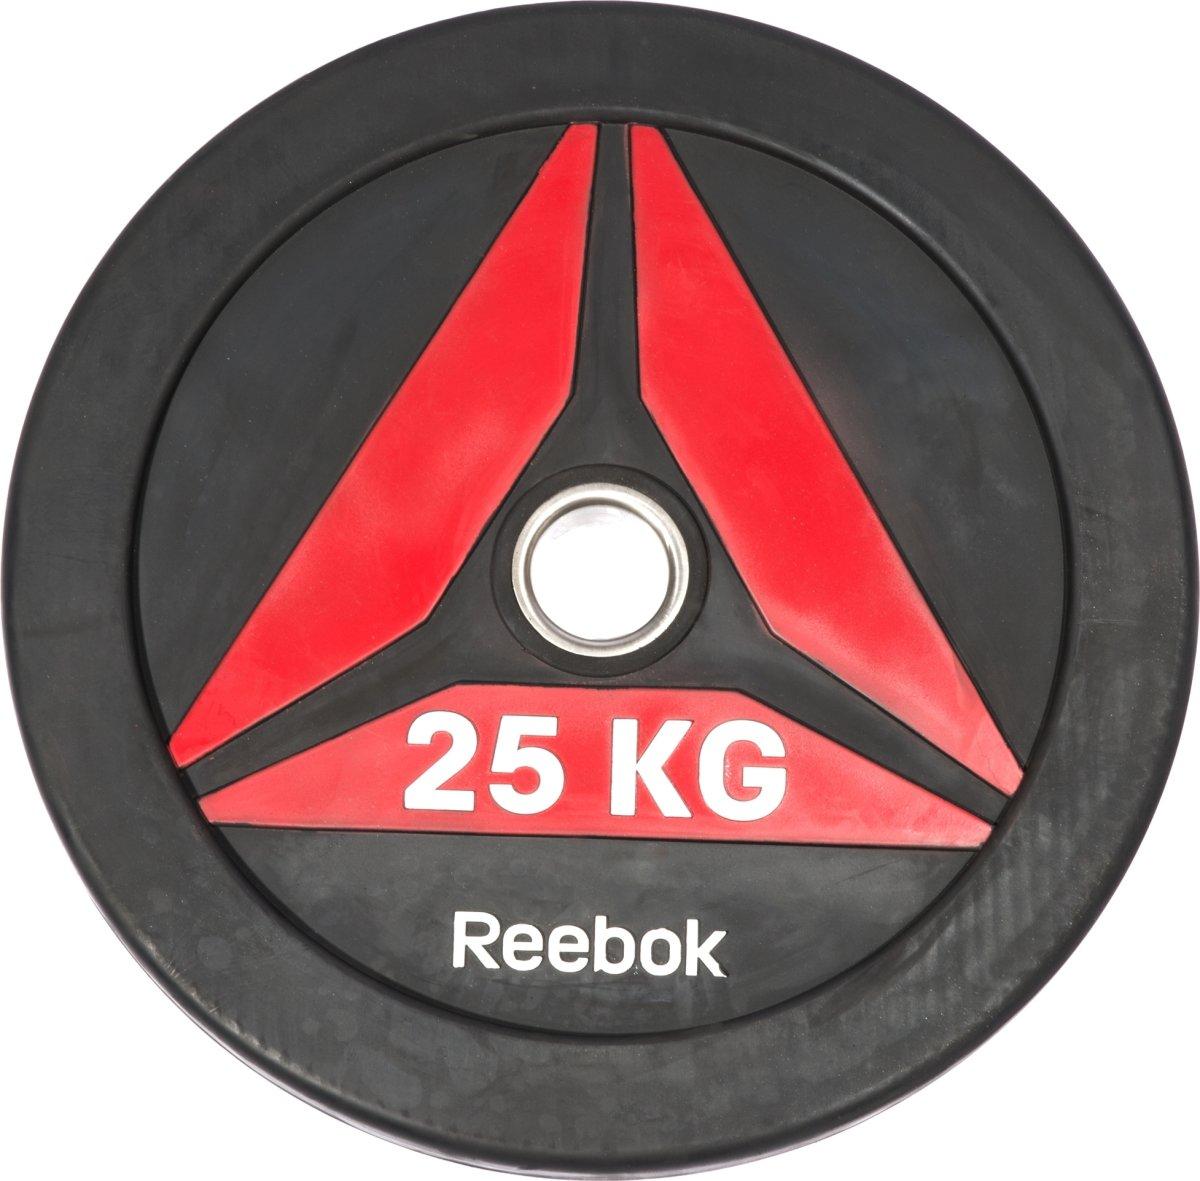 Reebok Functional BumperPlate, 25 kg